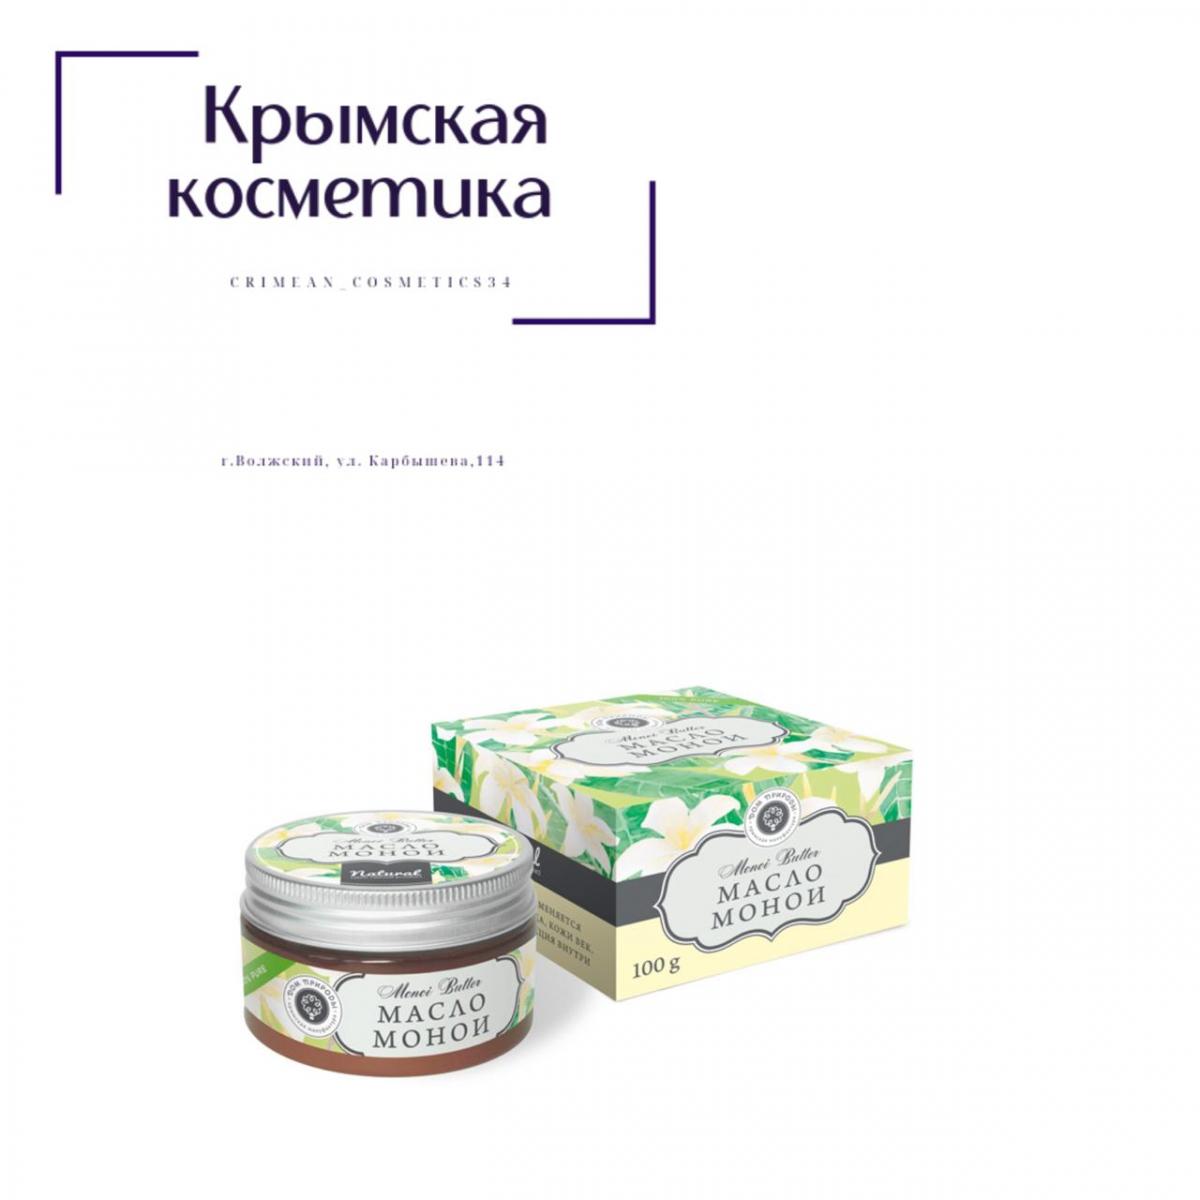 крымская натуральная косметика купить в севастополе